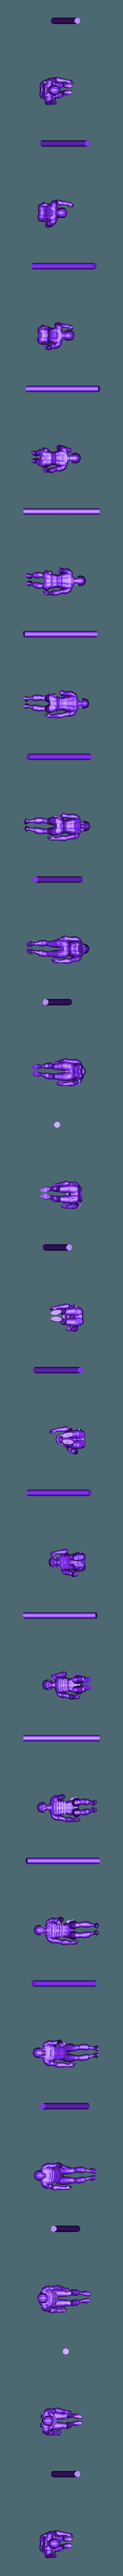 conductor1.stl Download STL file HUMMER H1 - Assembly model kit 1:35 • 3D print model, guillesilvestrini